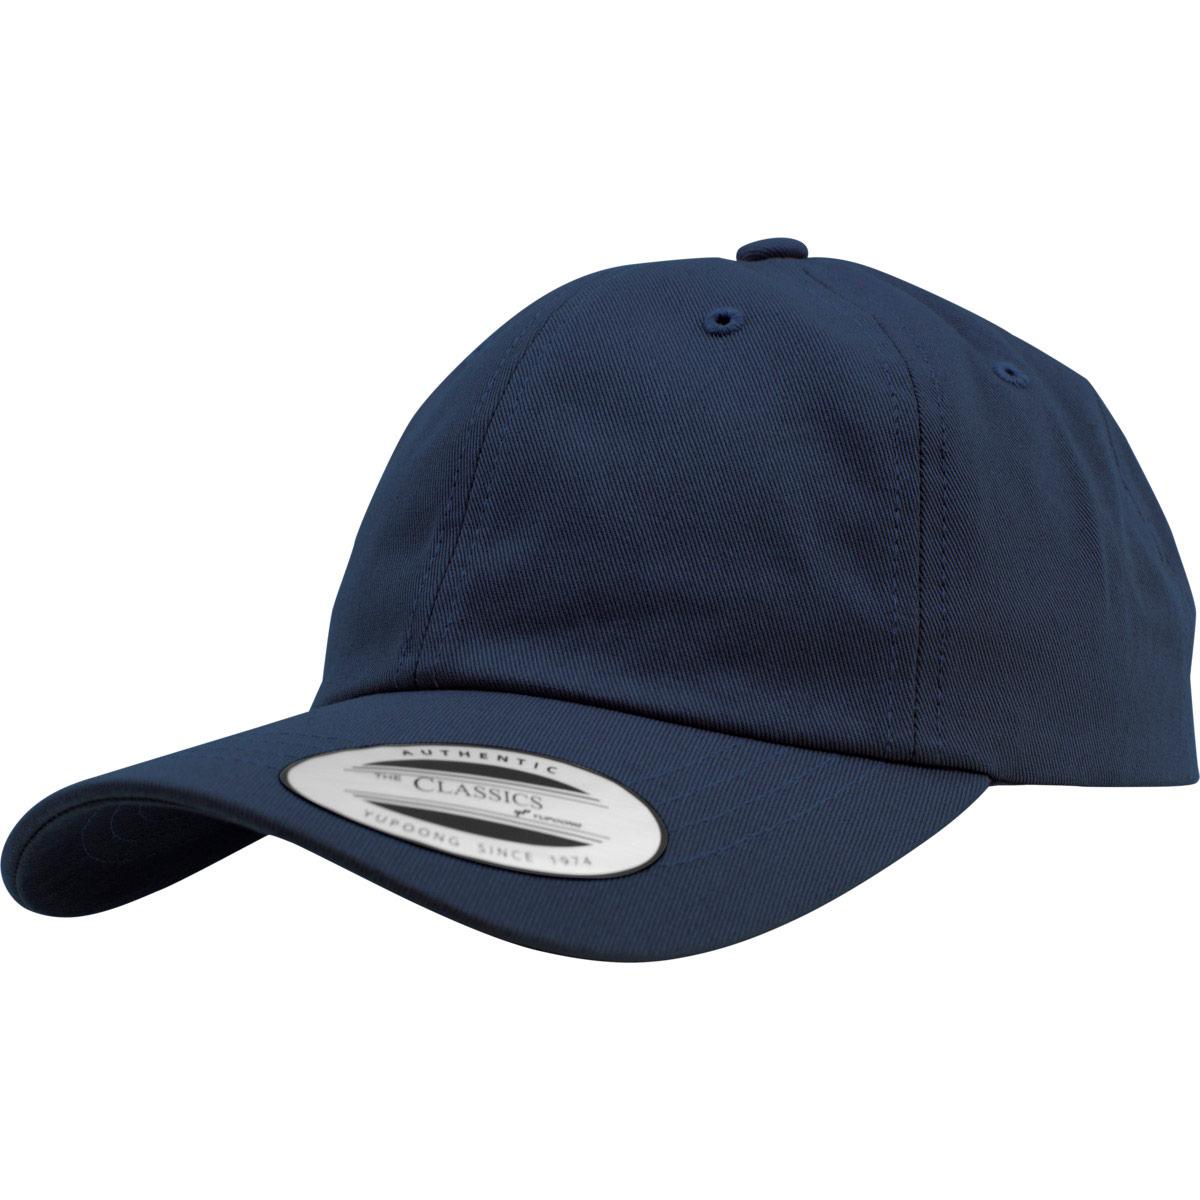 4e3baa206e berretto con visiera per bambini Low Profile , EUR 19,90 ...